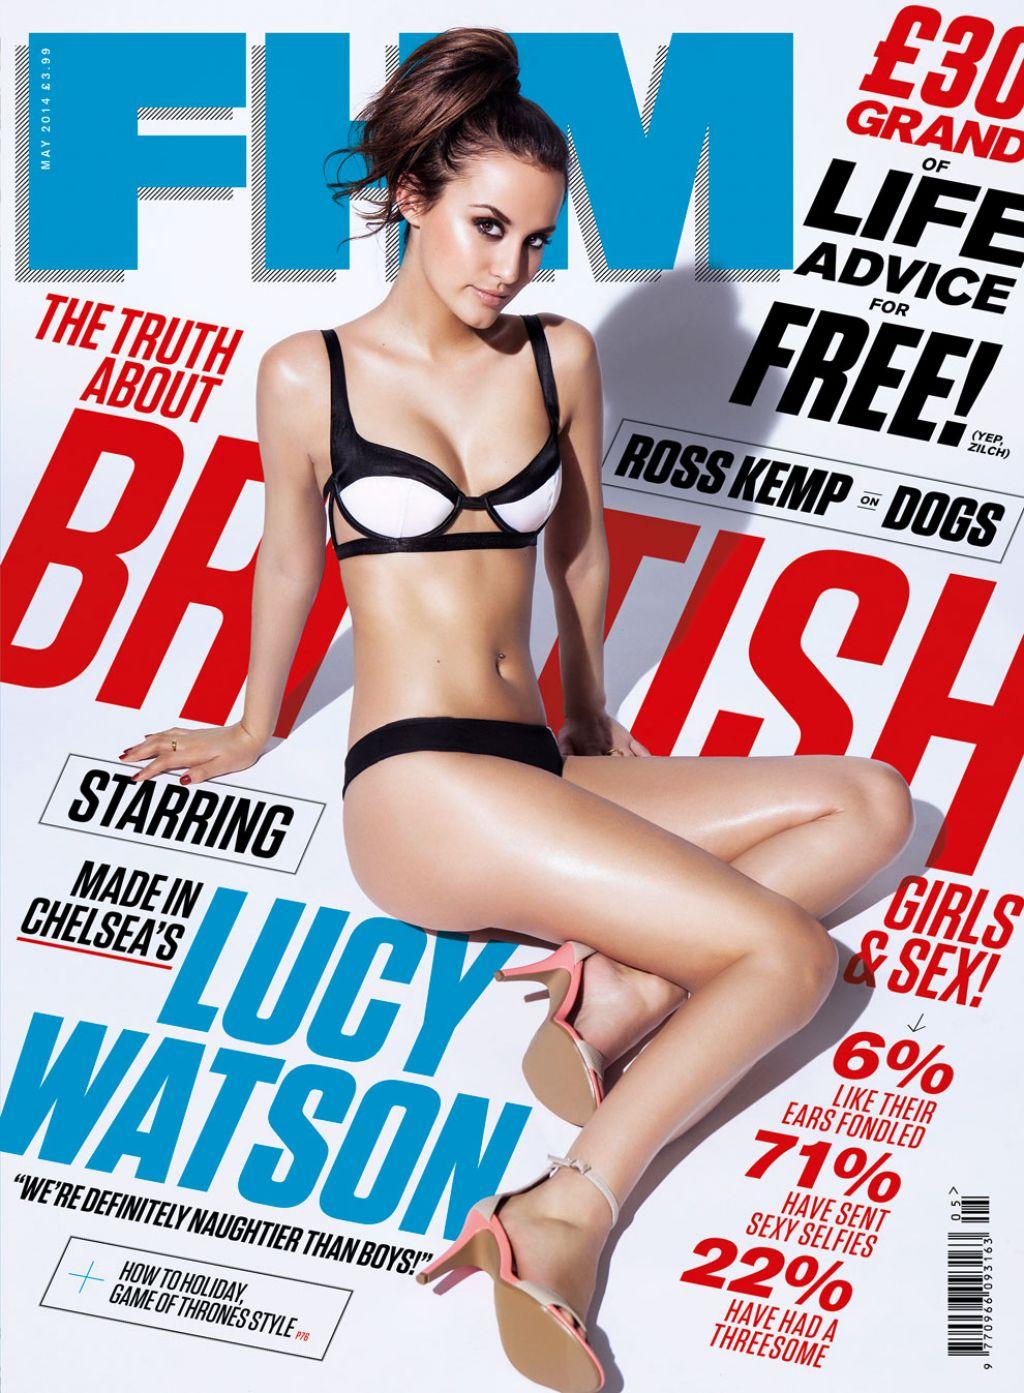 FHM Magazine (UK) May 2014 Issue